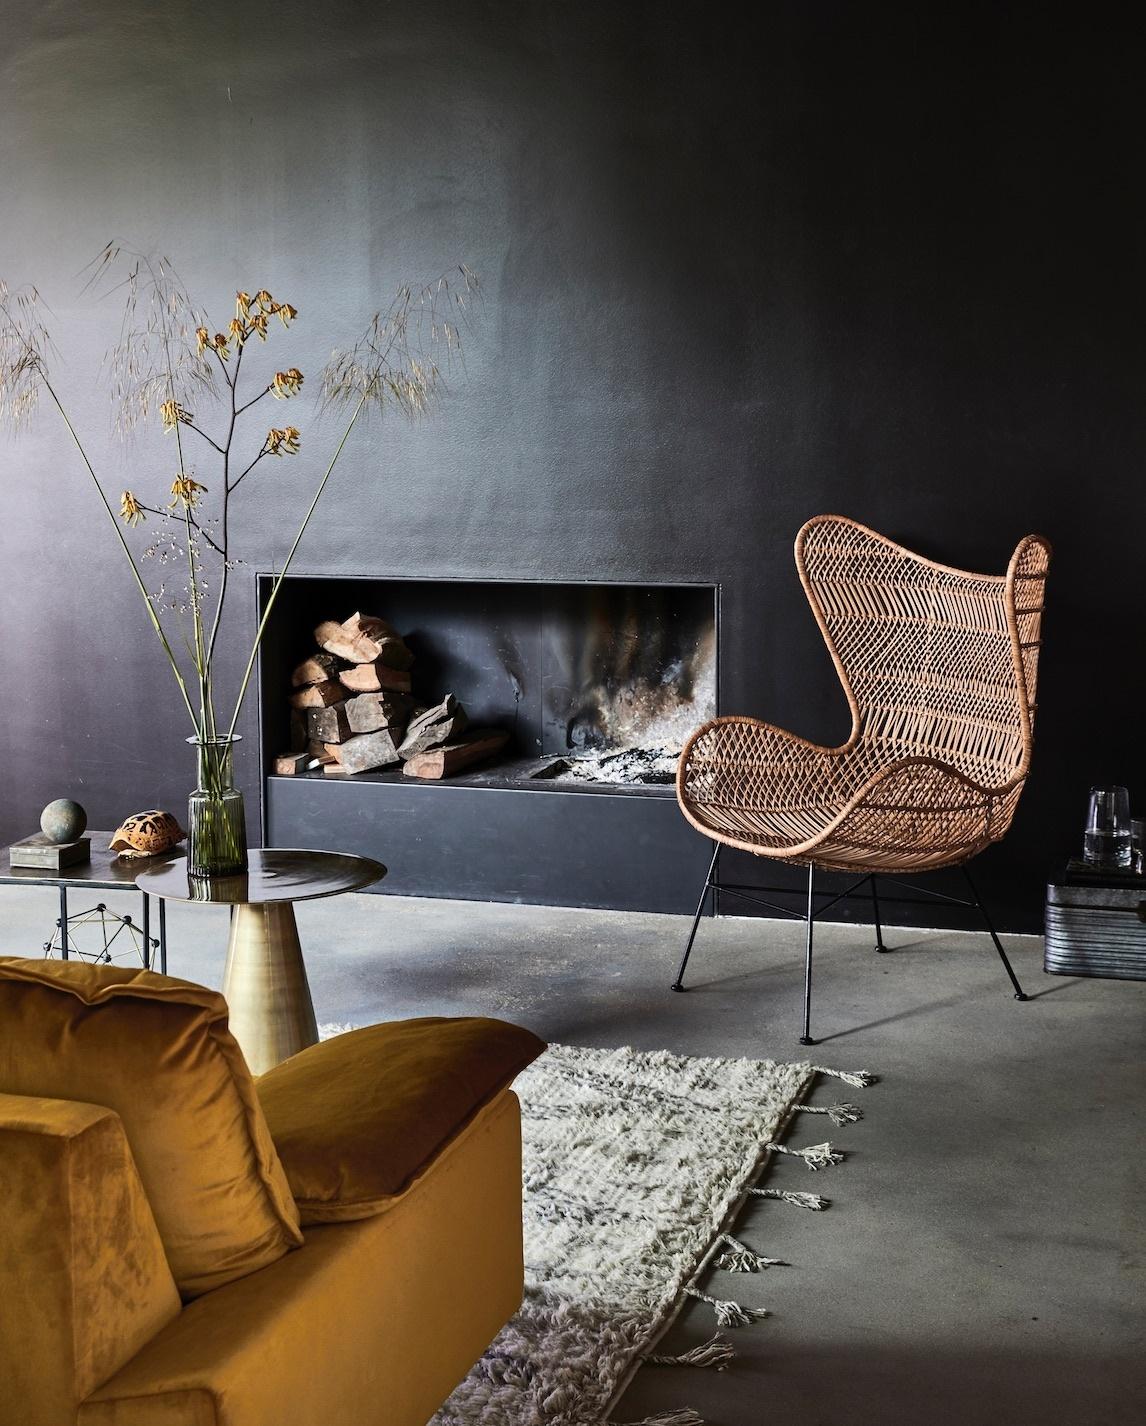 Faszinierend Schwarze Möbel Referenz Von Wände Sind Das Beste Bühnenbild. Davor Leuchten